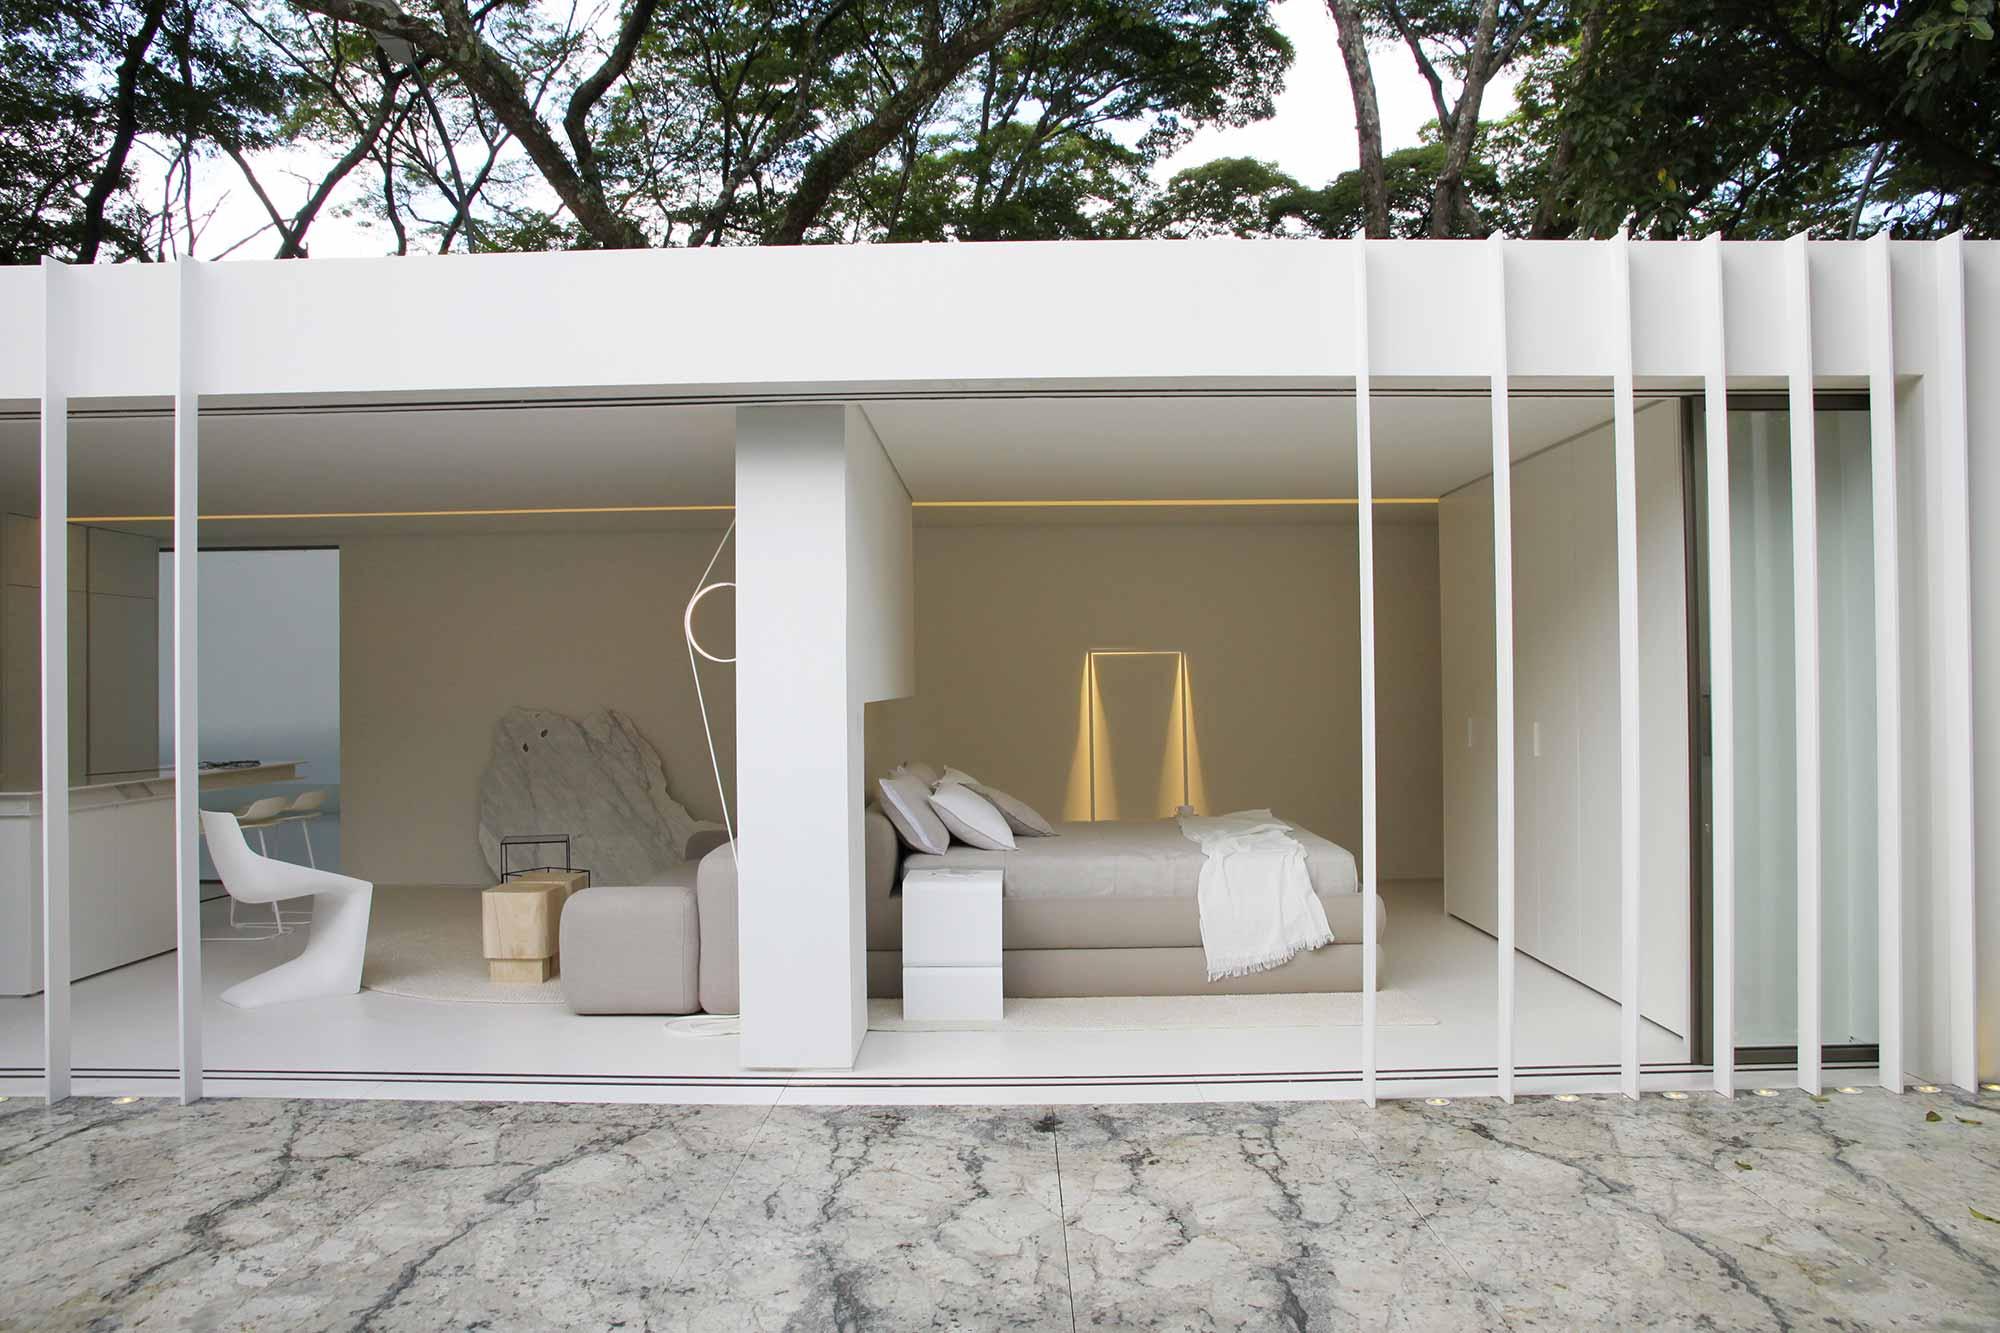 marilia pellegrini casacor são paulo 2019 casa conteiner minimalismo design minimalista